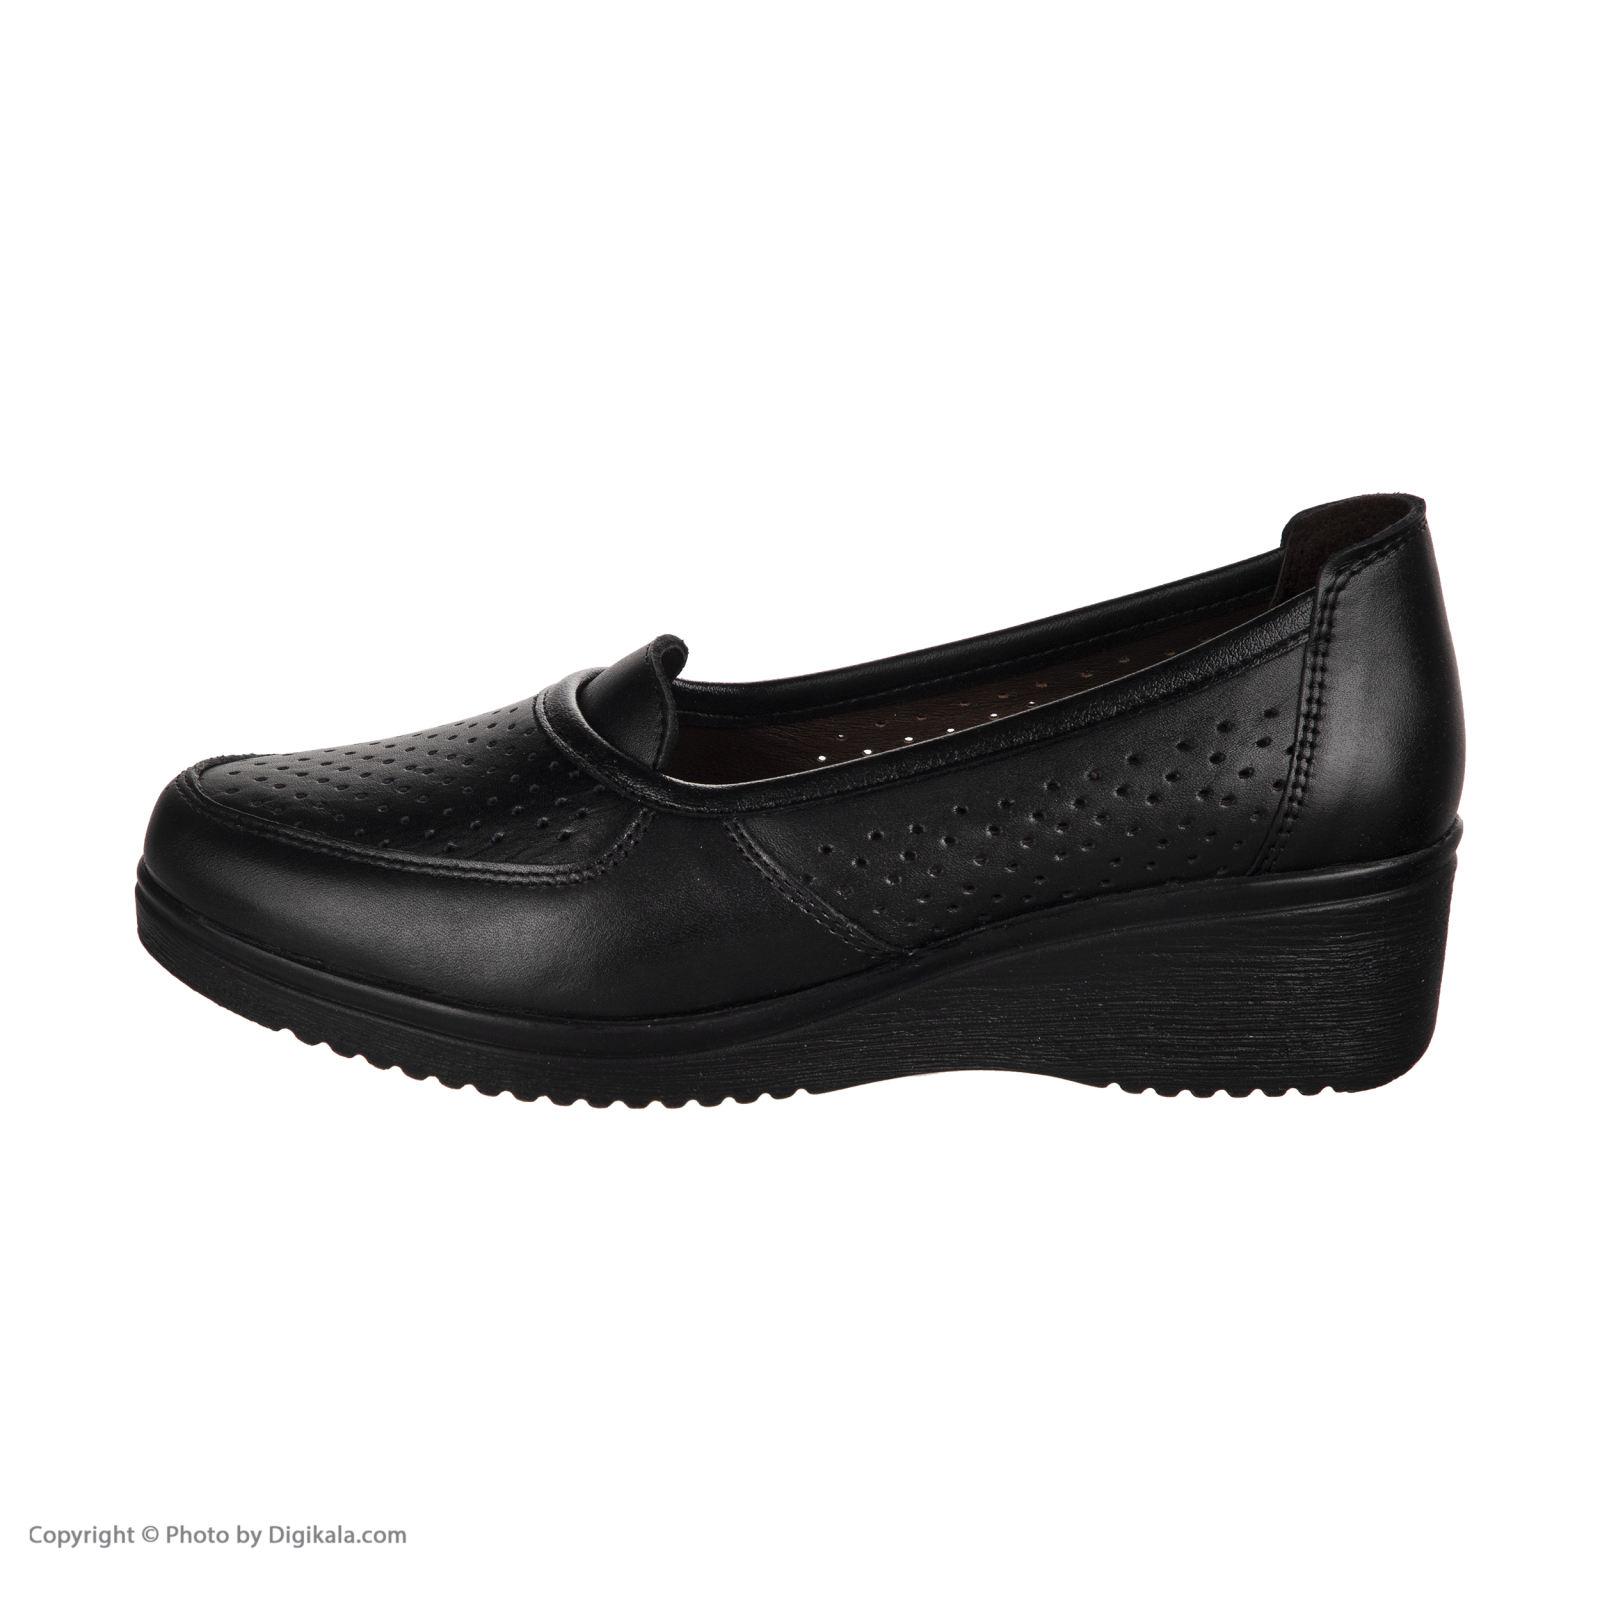 کفش روزمره زنانه سوته مدل 3054B500101 -  - 3